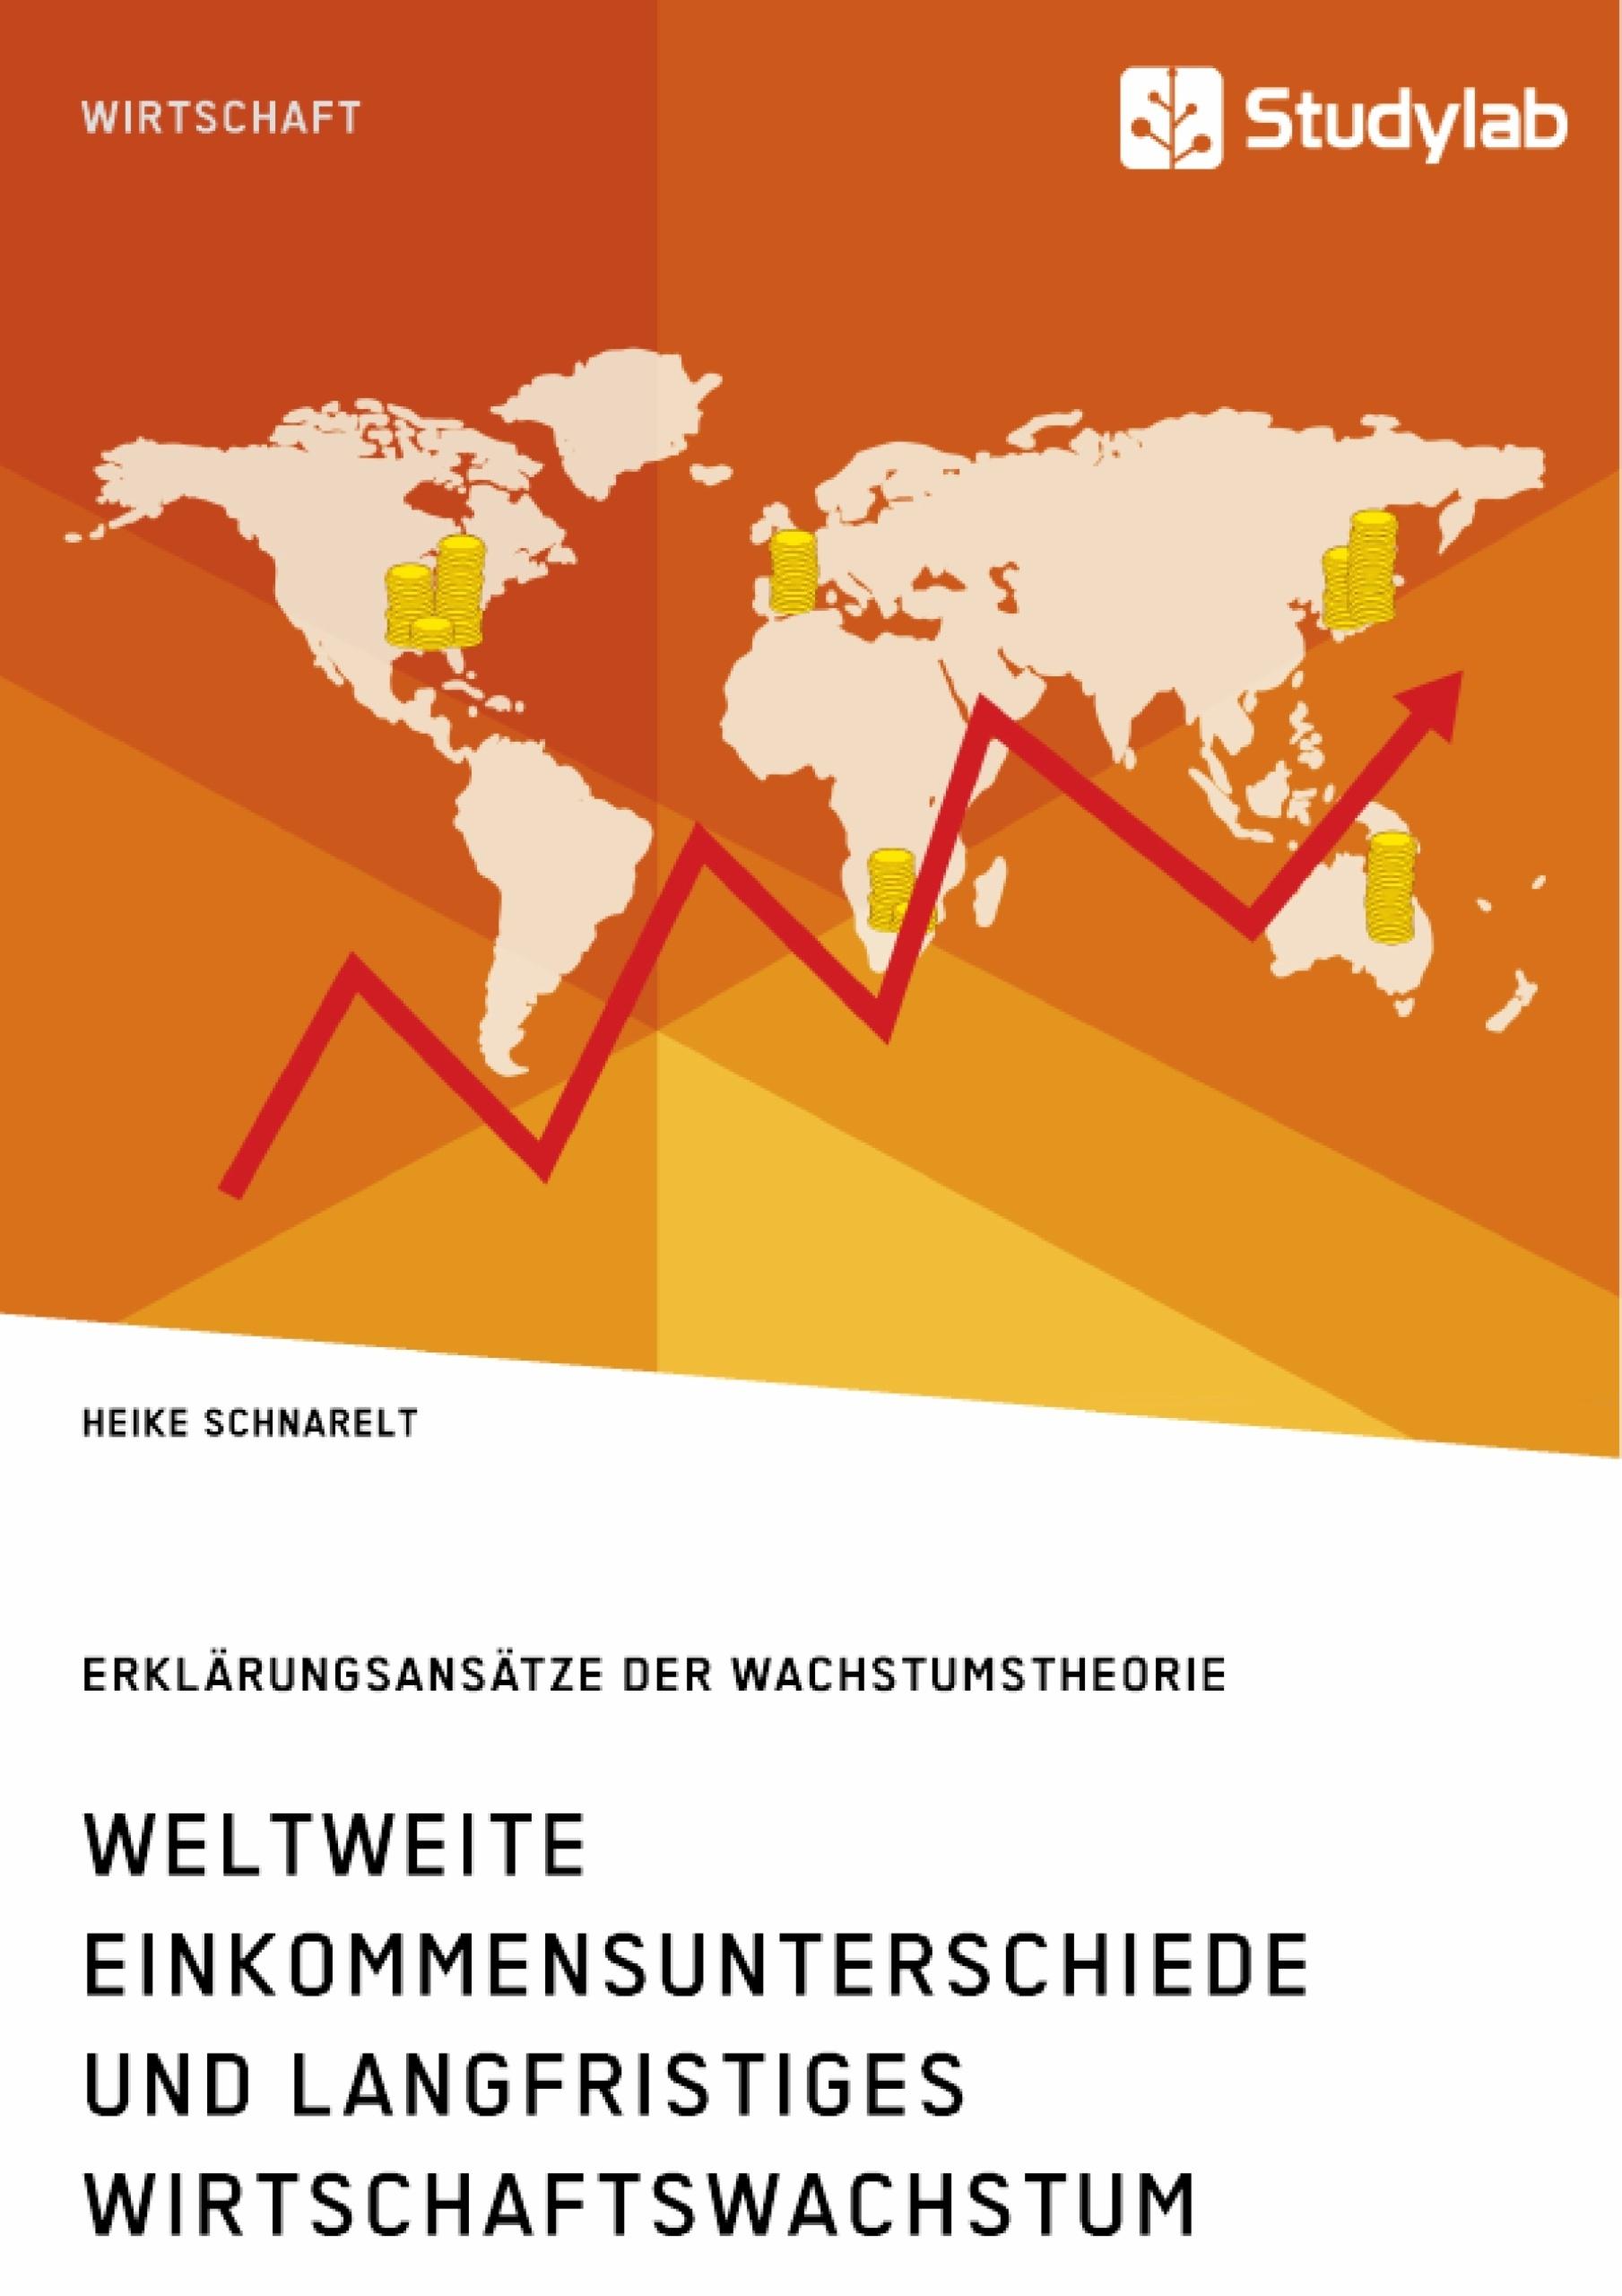 Titel: Weltweite Einkommensunterschiede und langfristiges Wirtschaftswachstum. Erklärungsansätze der Wachstumstheorie